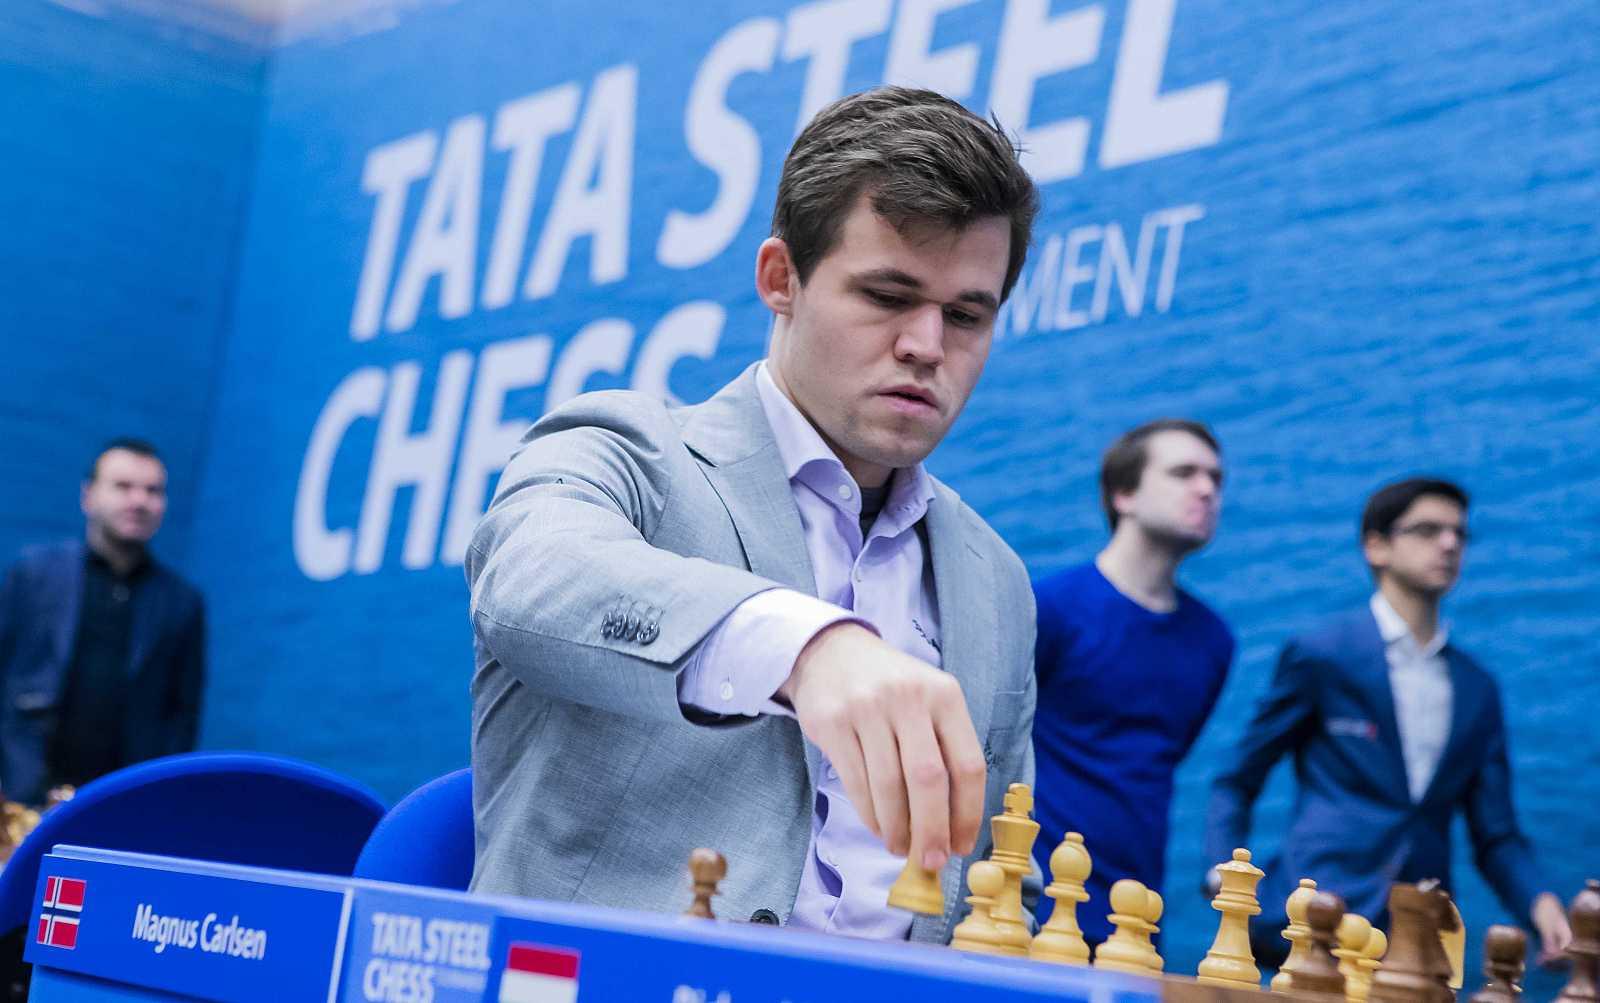 Ajedrez | Carlsen se enfrentará online a los rivales más fuertes